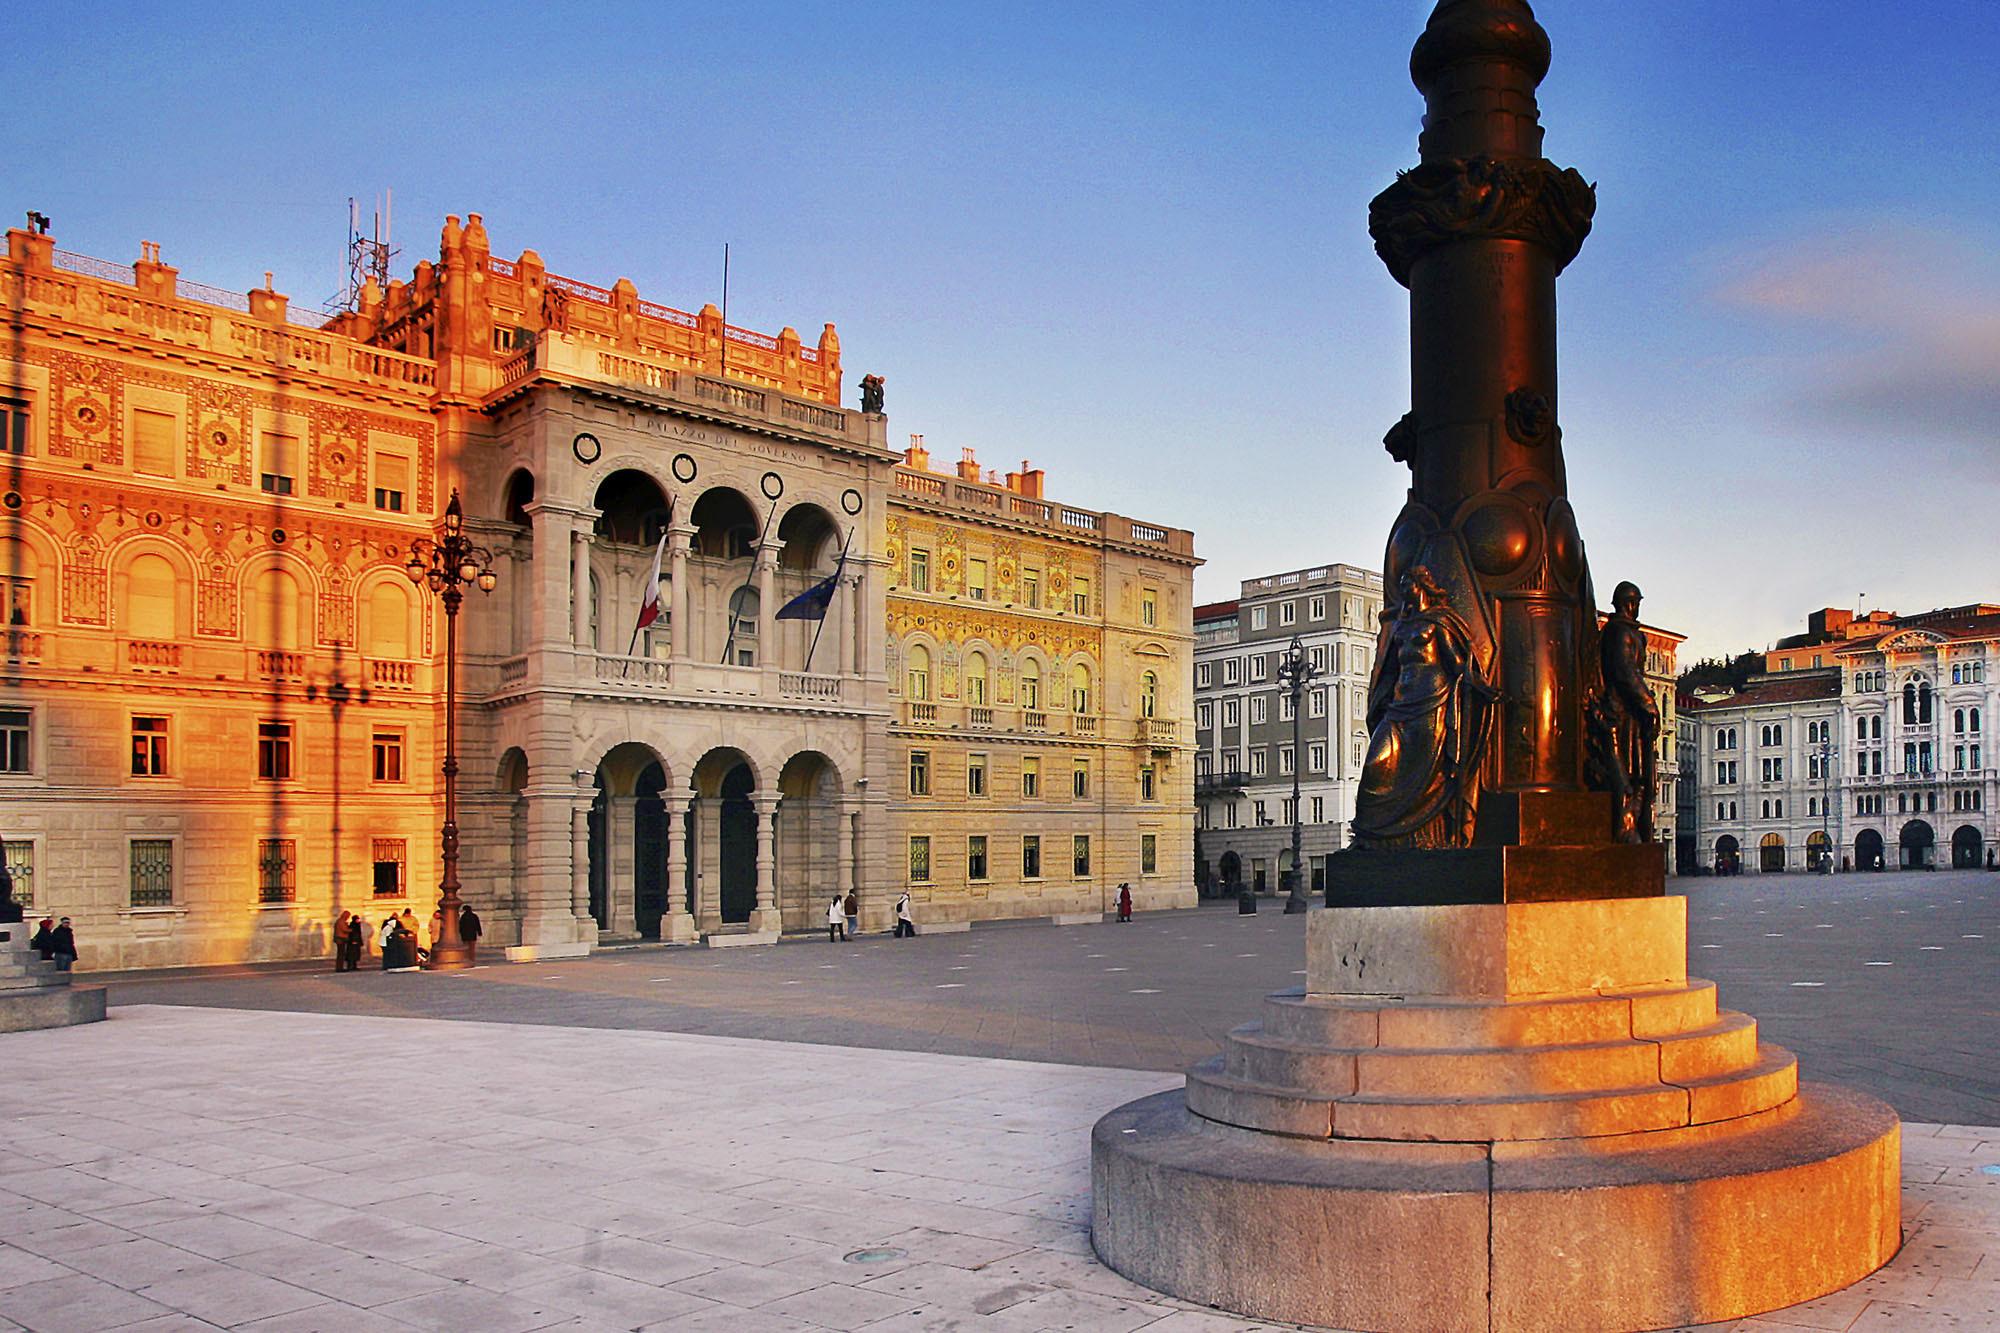 Banca Nazionale Di Lavoro Trieste : Turismo fvg 2015: traina trieste in crescita gorizia. in calo udine